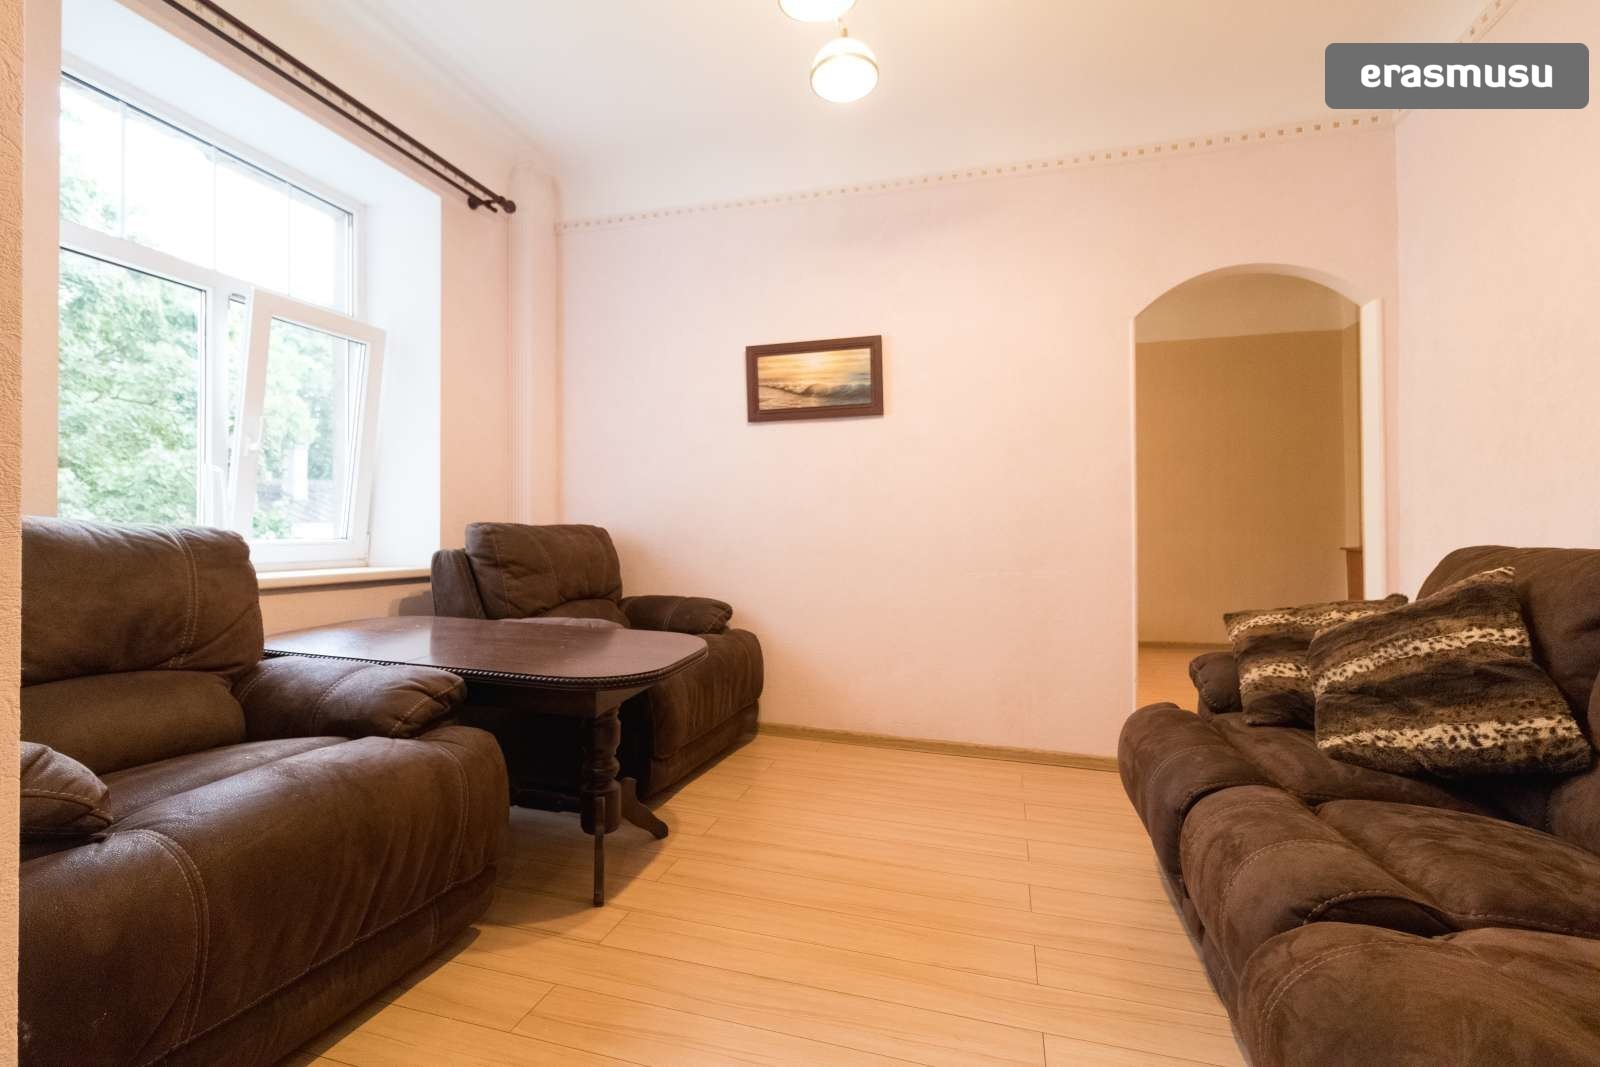 cozy-1-bedroom-apartment-rent-avoti-c1b027d4bf8e0f744b6d15bb6903